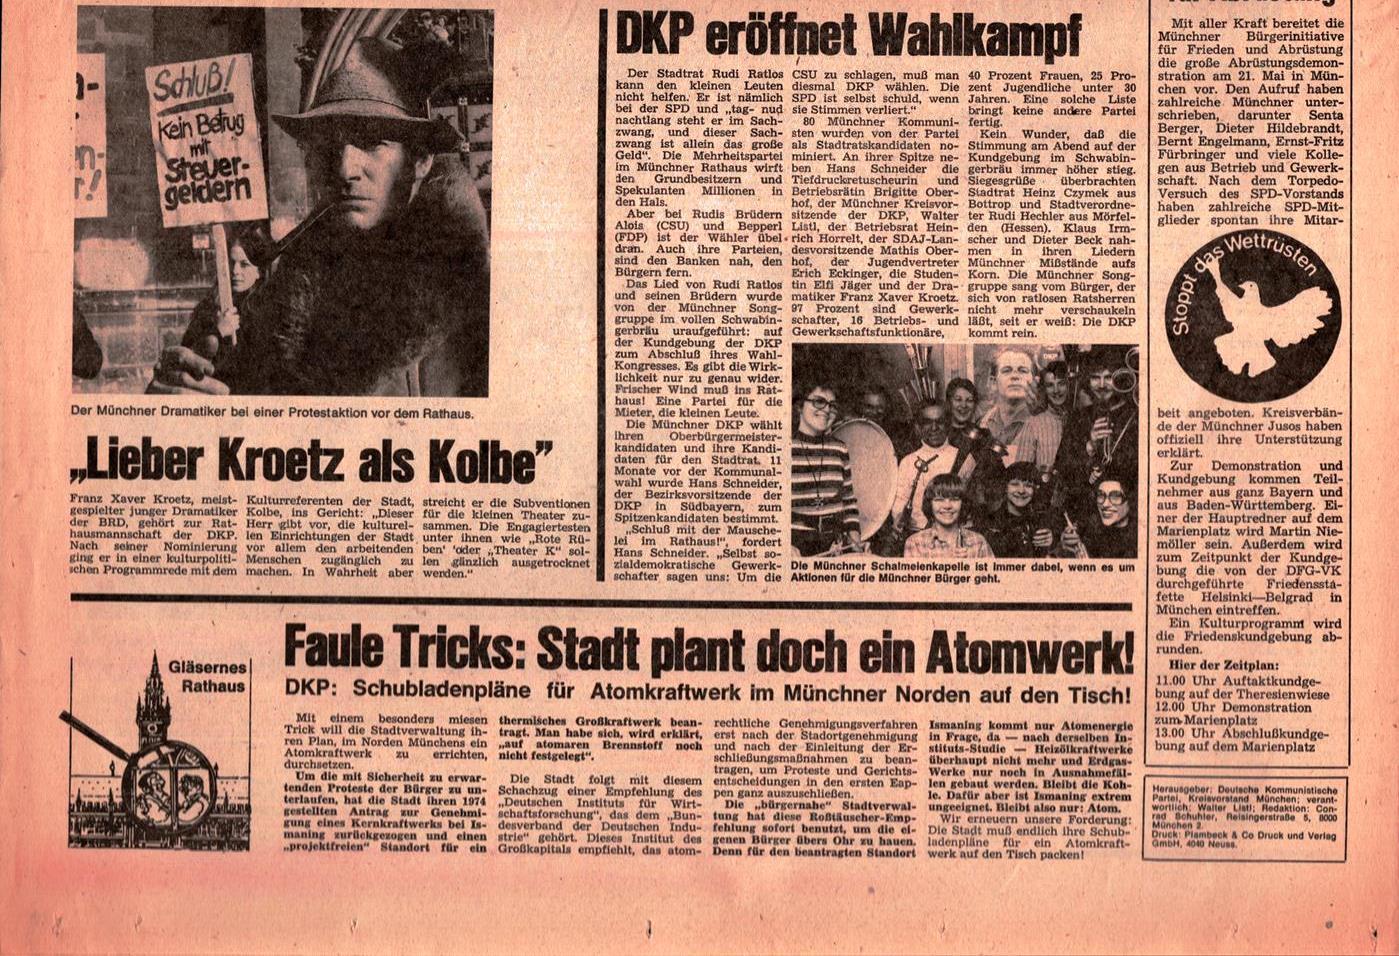 Muenchen_DKP_Neues_Muenchen_19770400_004_004